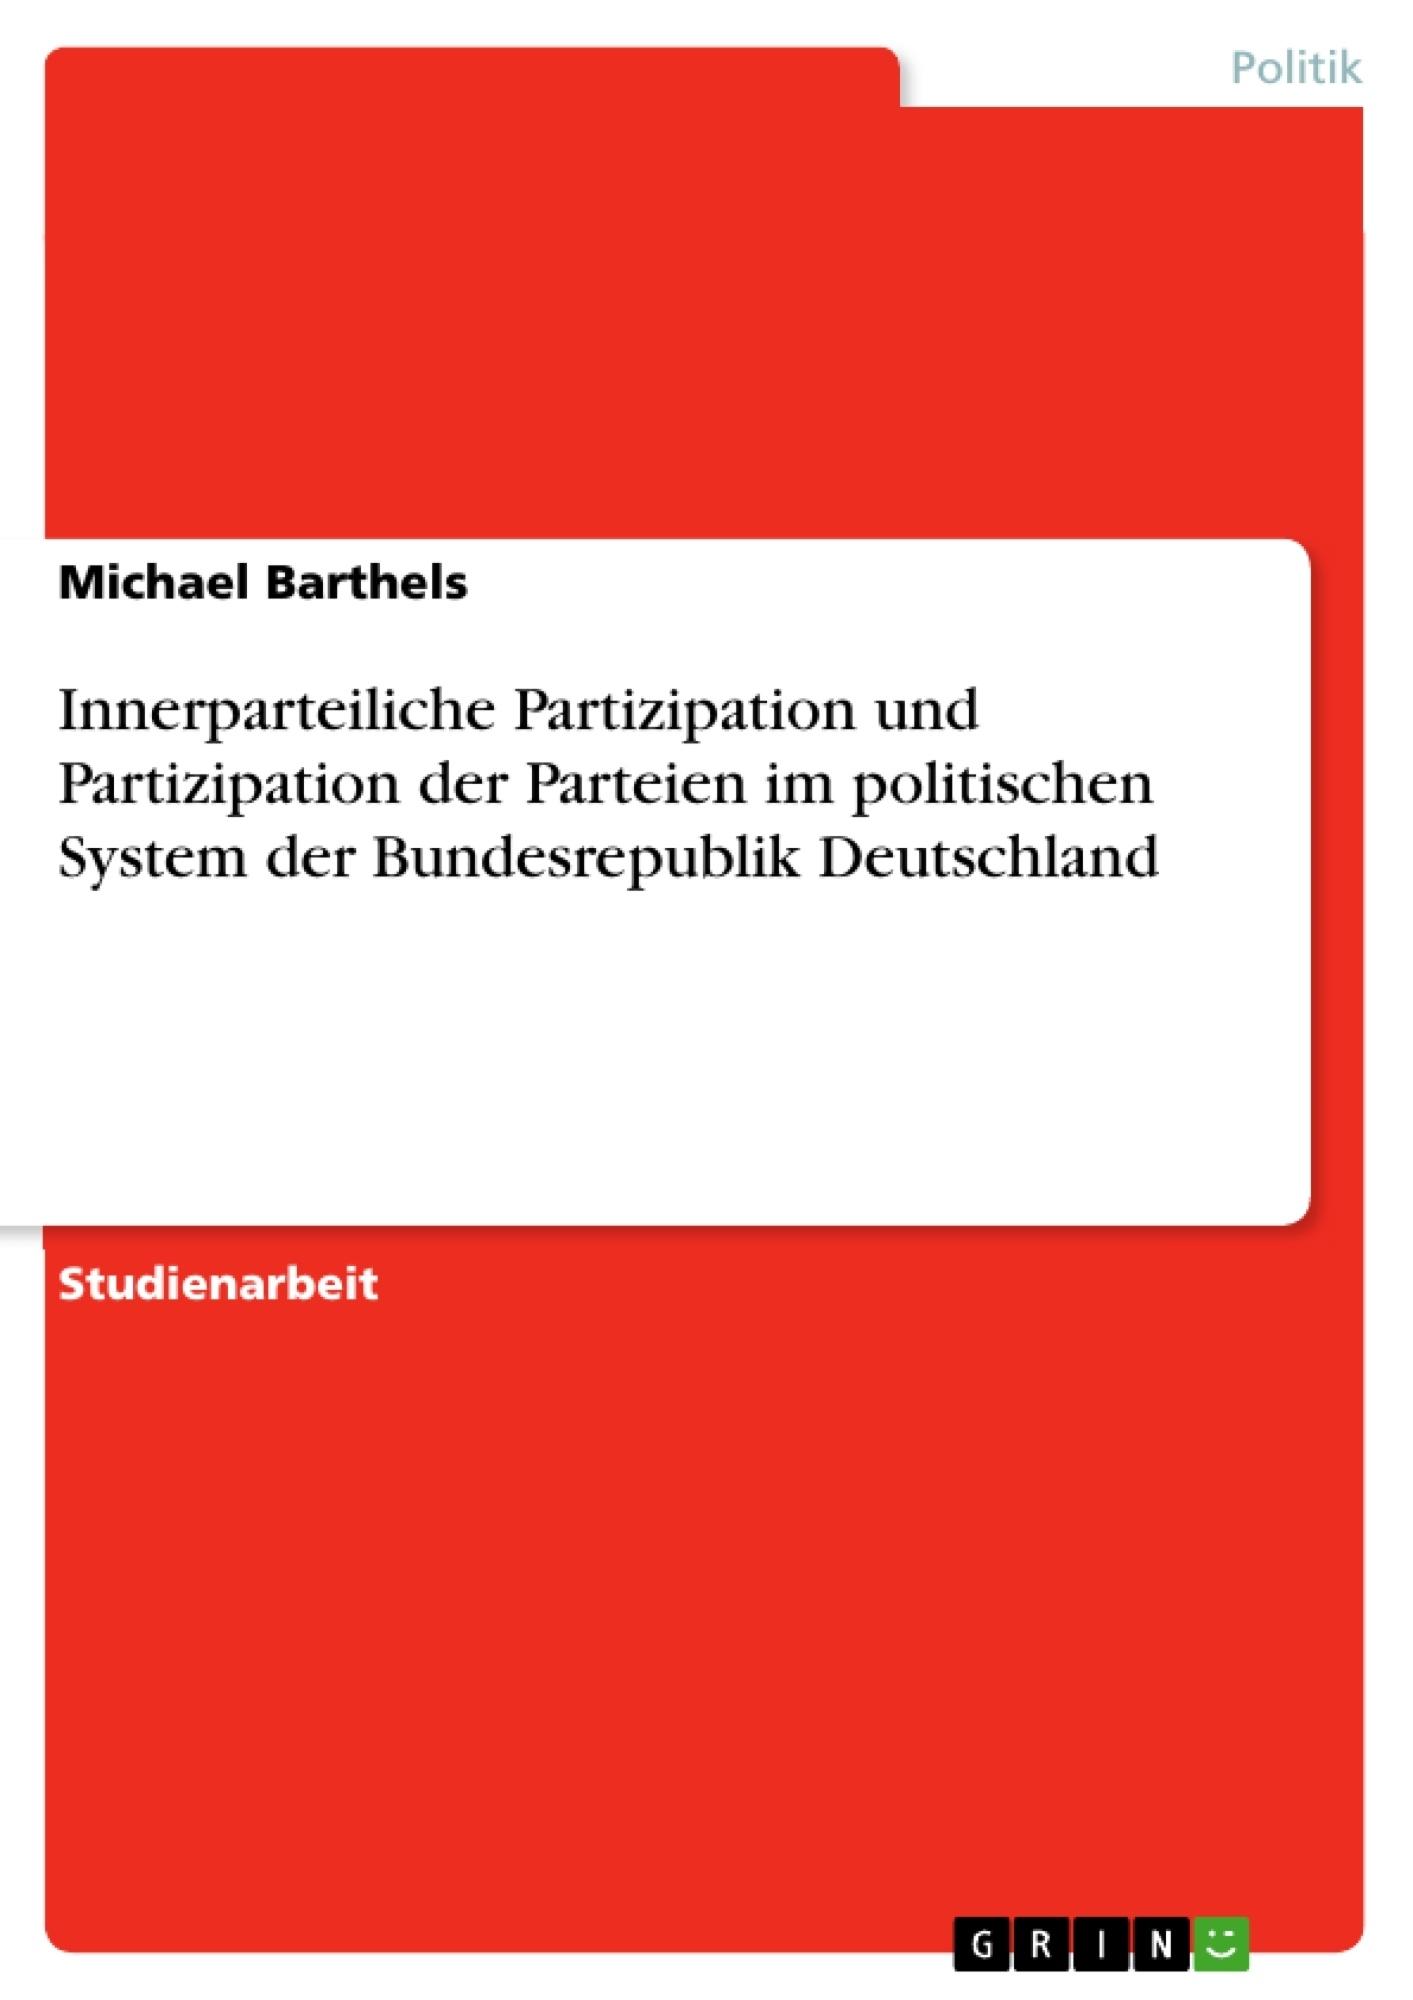 Titel: Innerparteiliche Partizipation und Partizipation der Parteien im politischen System der Bundesrepublik Deutschland